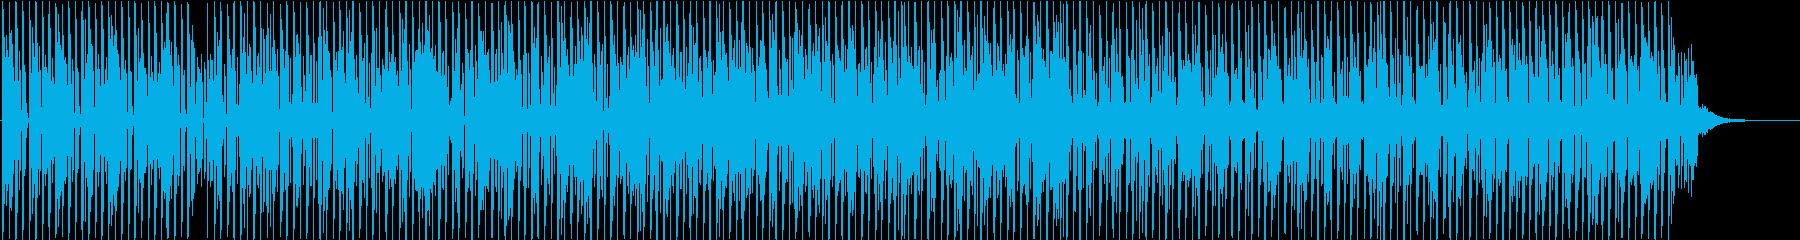 モダンな8ビットサウンドの一種であ...の再生済みの波形